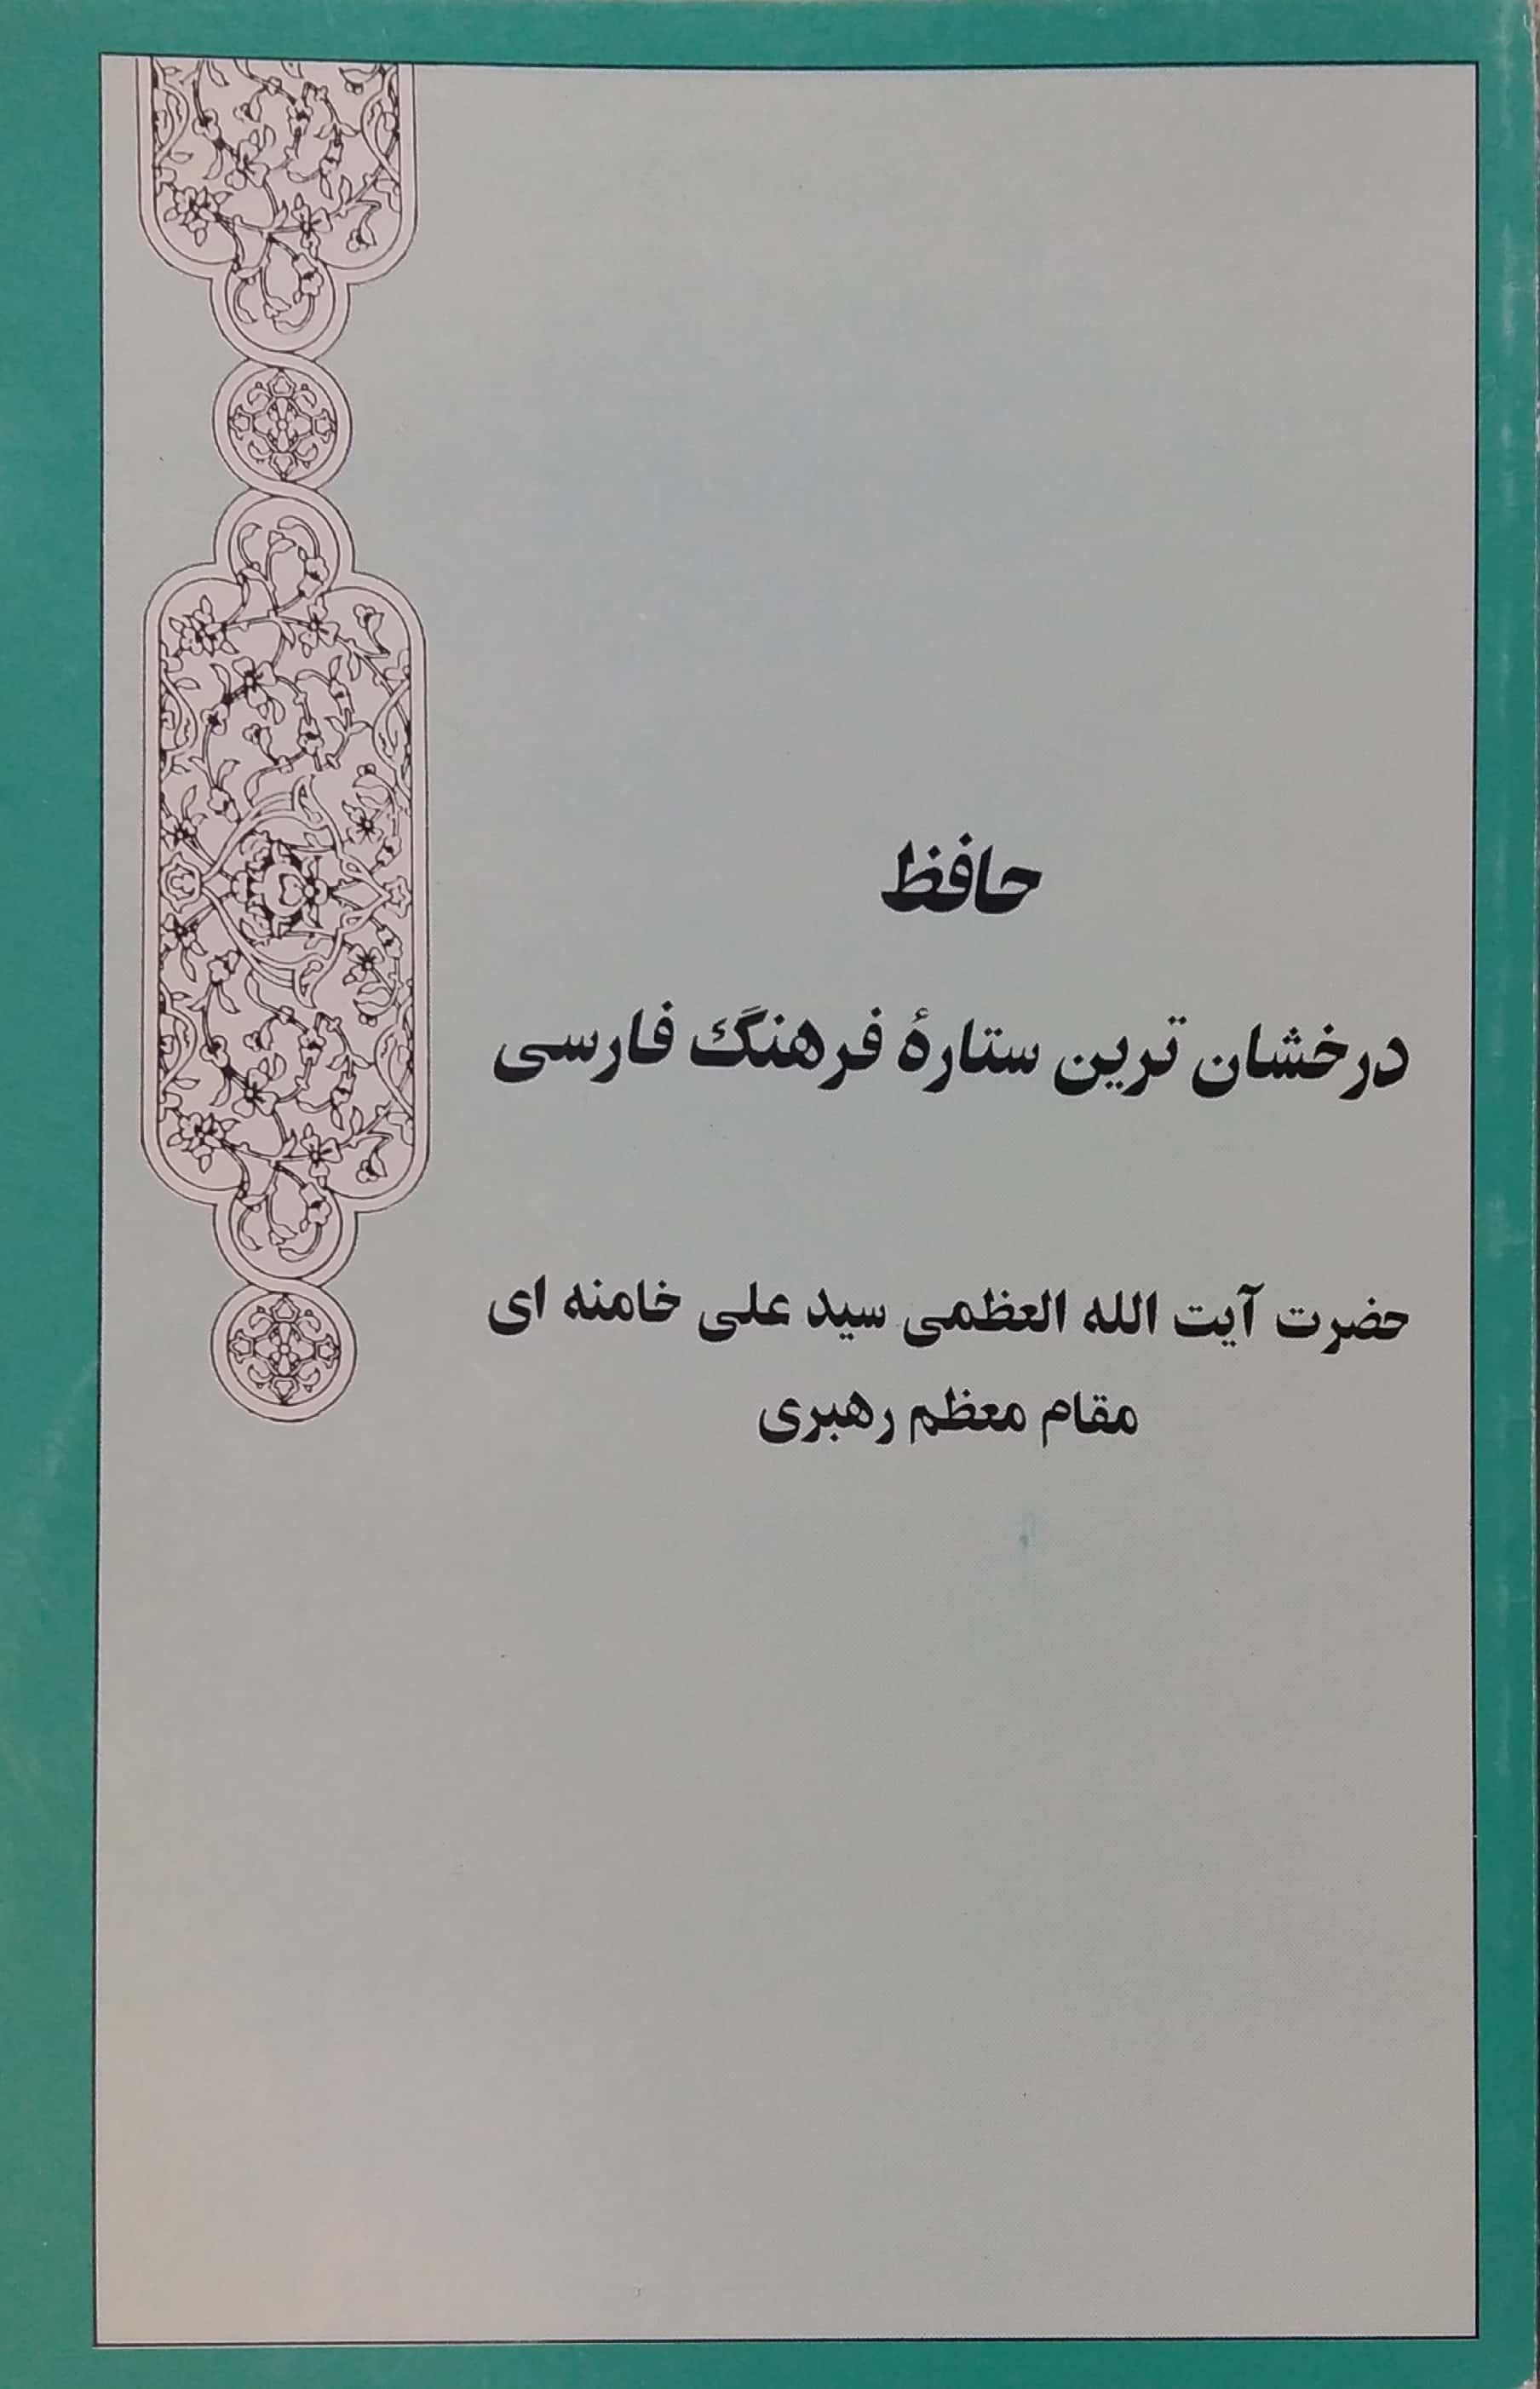 حافظ درخشان ترین ستاره فرهنگ فارسی (برگرفته از سخنان آیت الله خامنه ای)